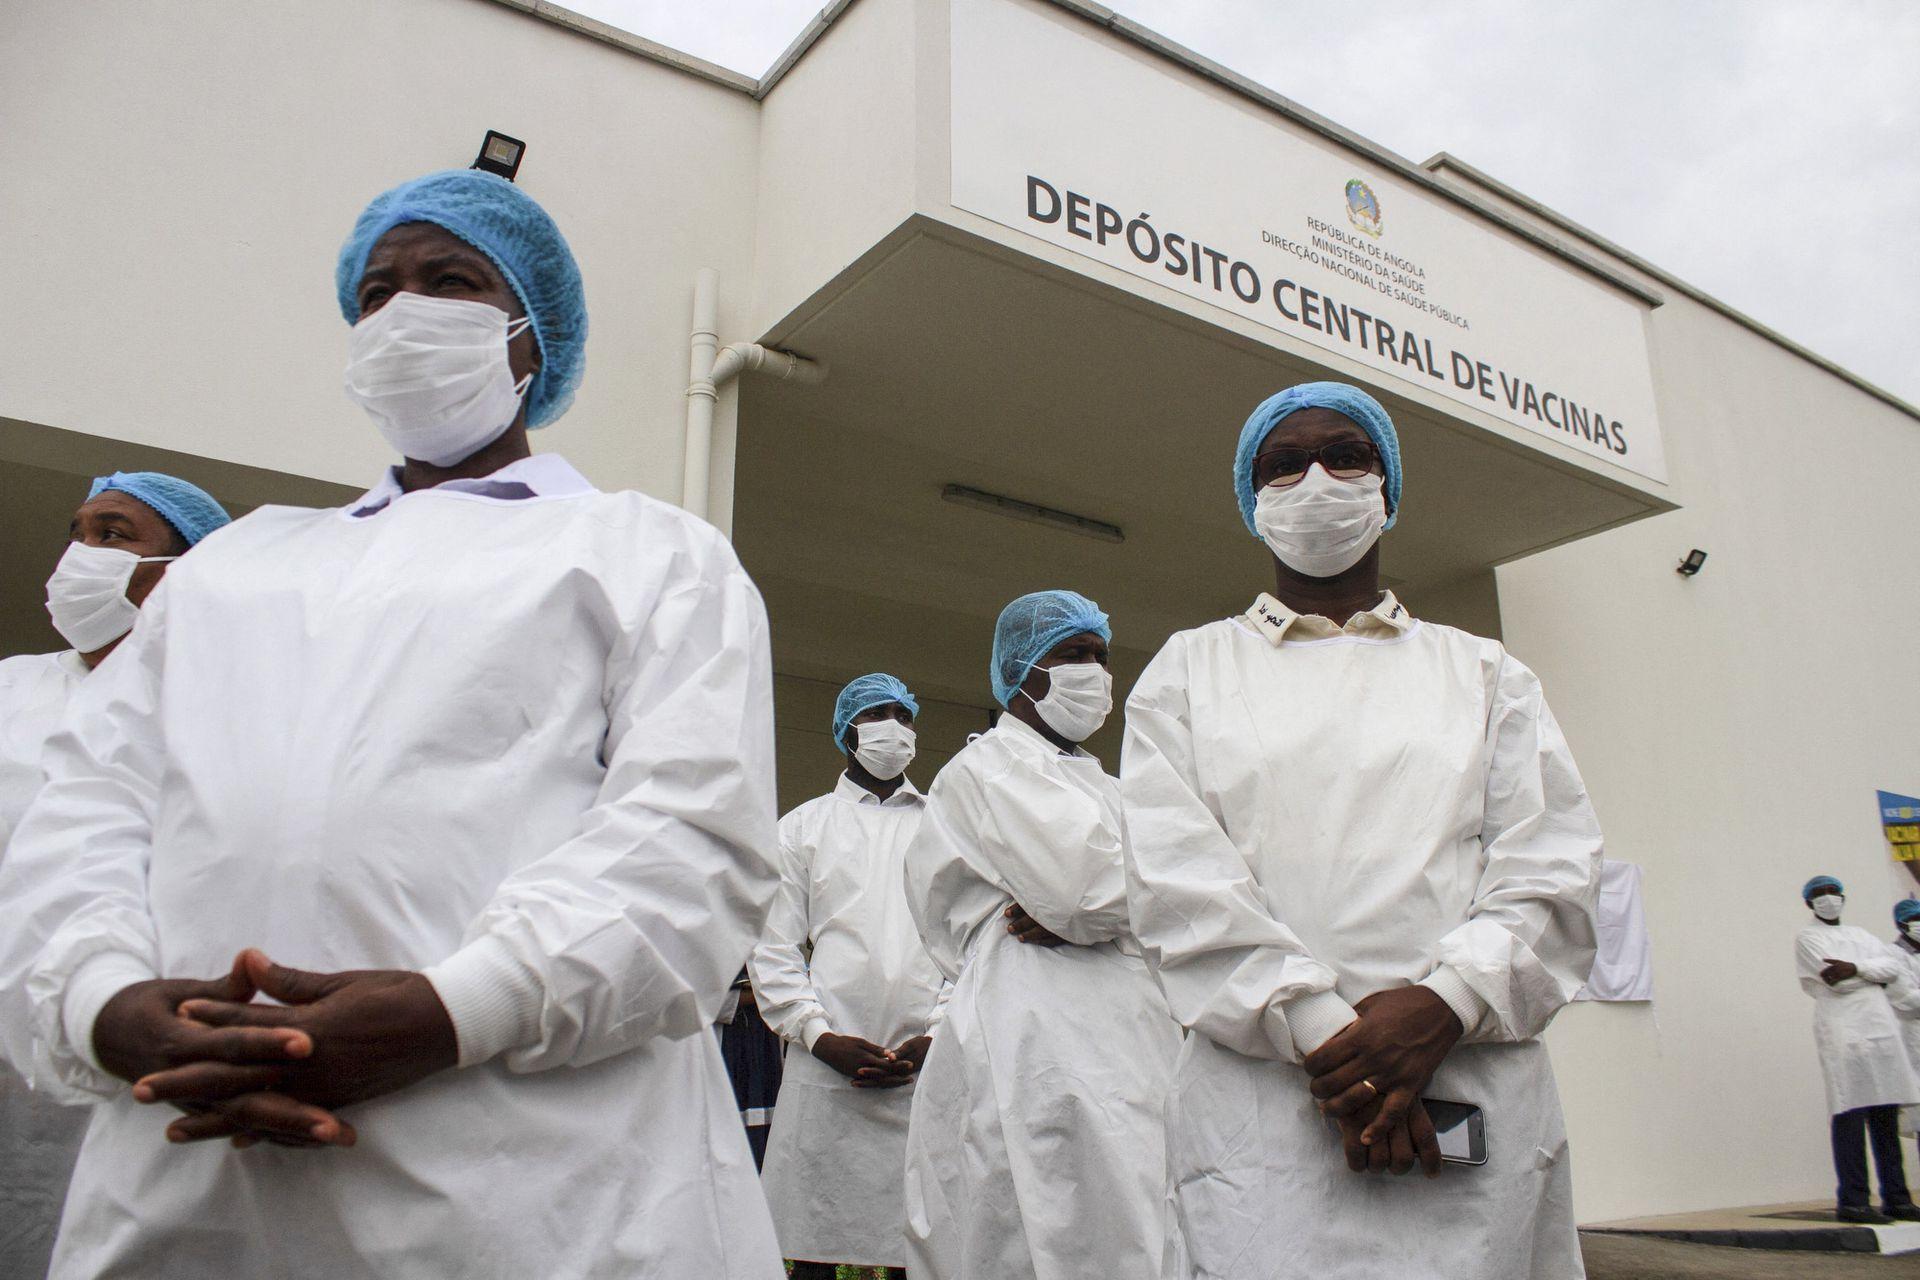 ANGOLA: Los trabajadores de la salud angoleños se encuentran fuera del Deposito Central de Vacunas donde se almacenarán las primeras dosis de las vacunas Oxford / AstraZeneca de la India en Luanda el 2 de marzo de 2021.